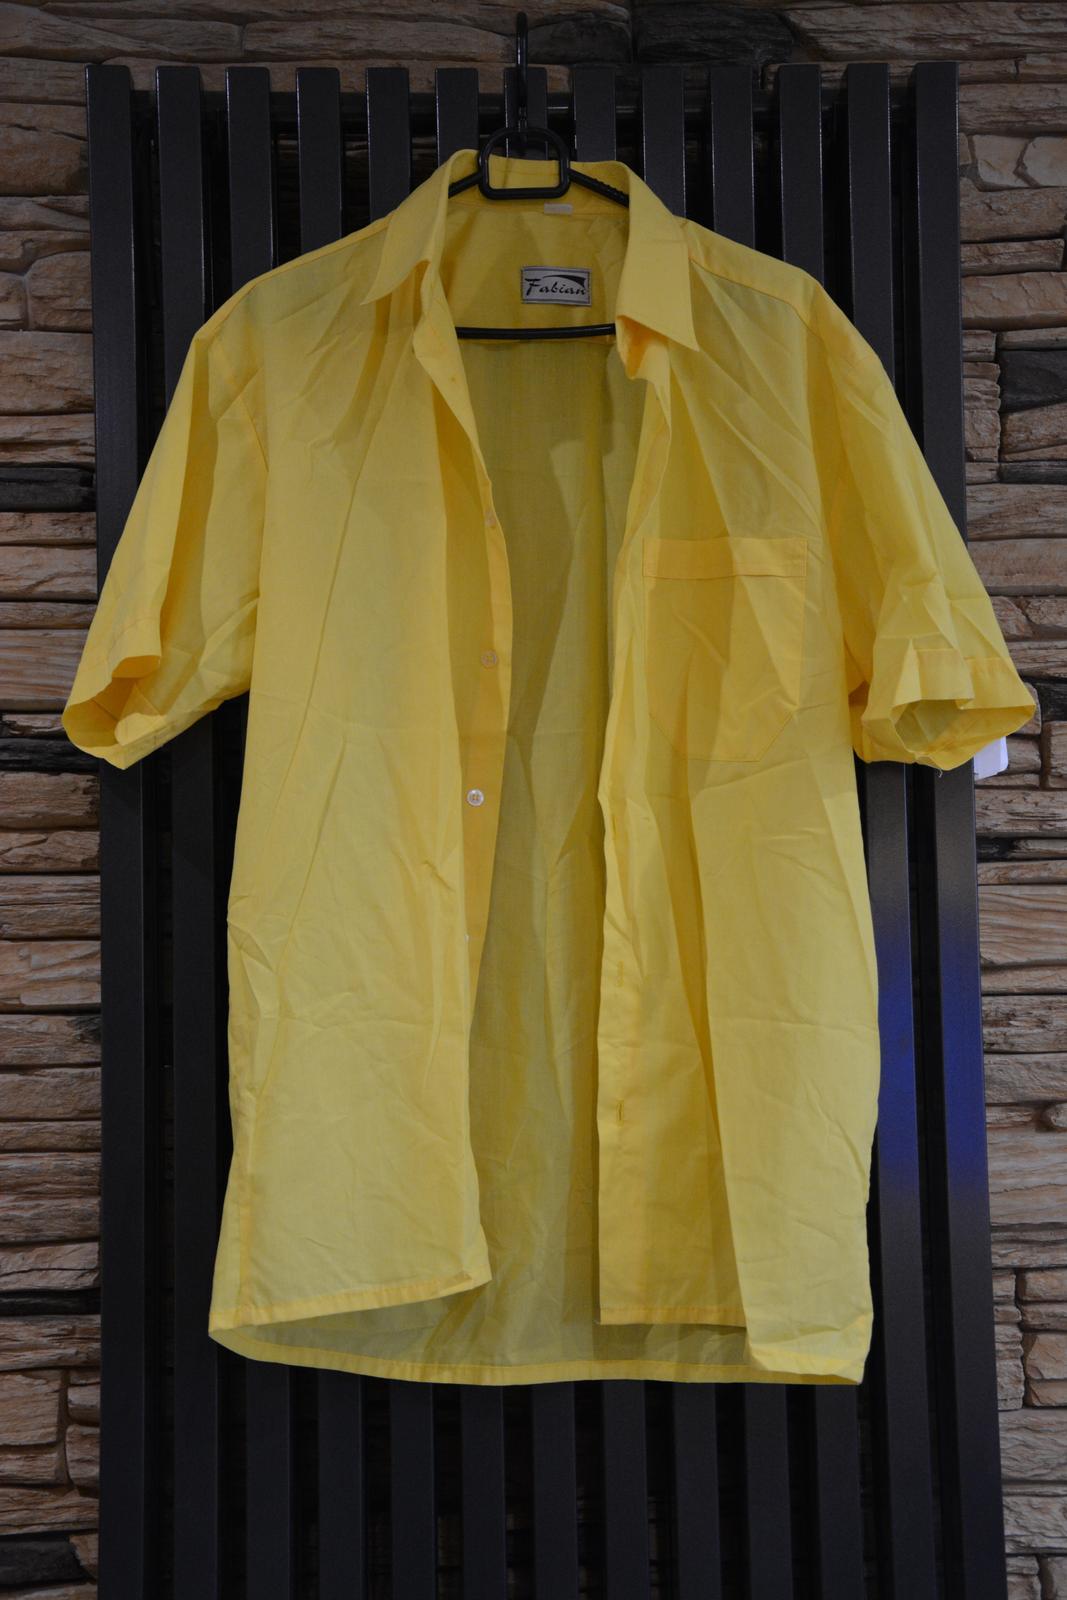 Žlutá košile s krátkým rukávem - Obrázek č. 1